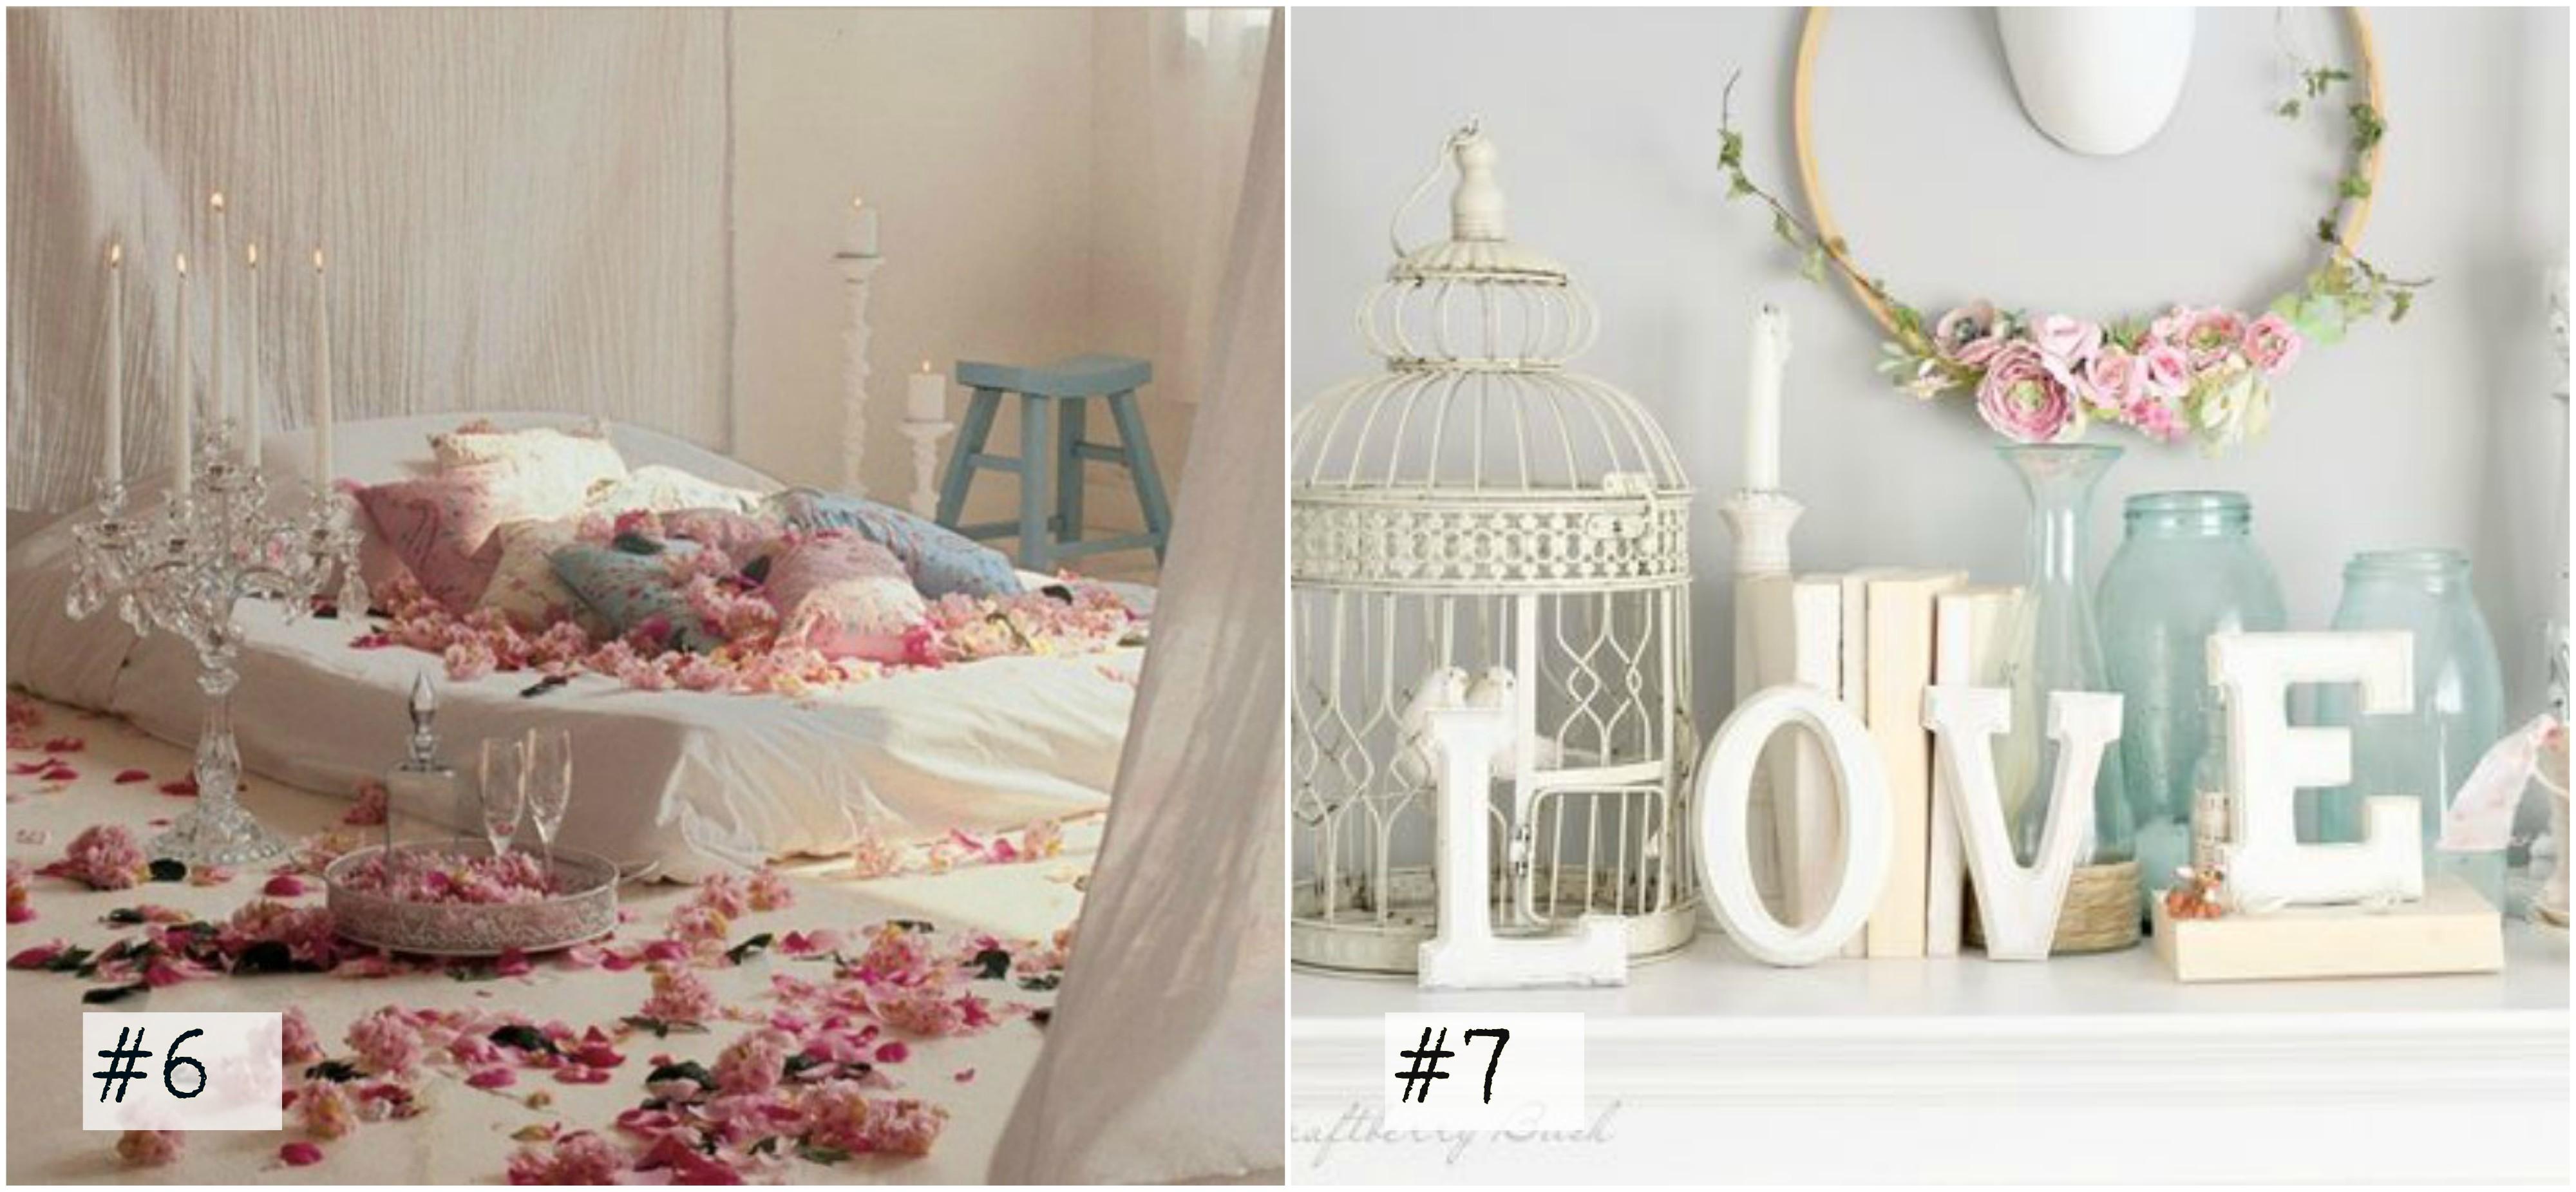 San valentino 25 fantastiche idee per la stanza da letto - Stanza da letto romantica ...